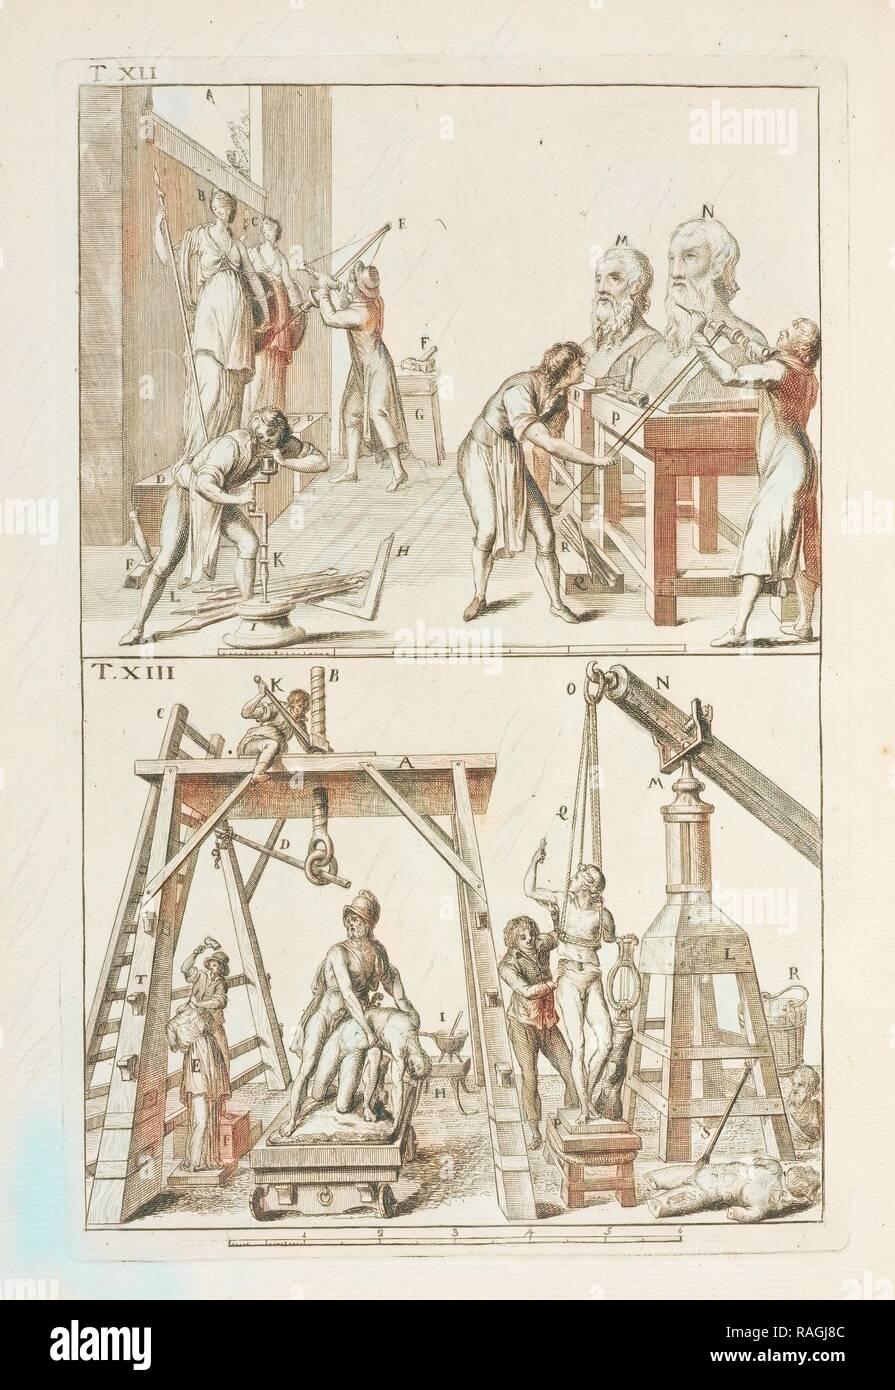 Con istrumenti e lume adattato a simile operazione, tavola XIII nella quale vien dimostrato alcune porzioni di reimagined - Stock Image